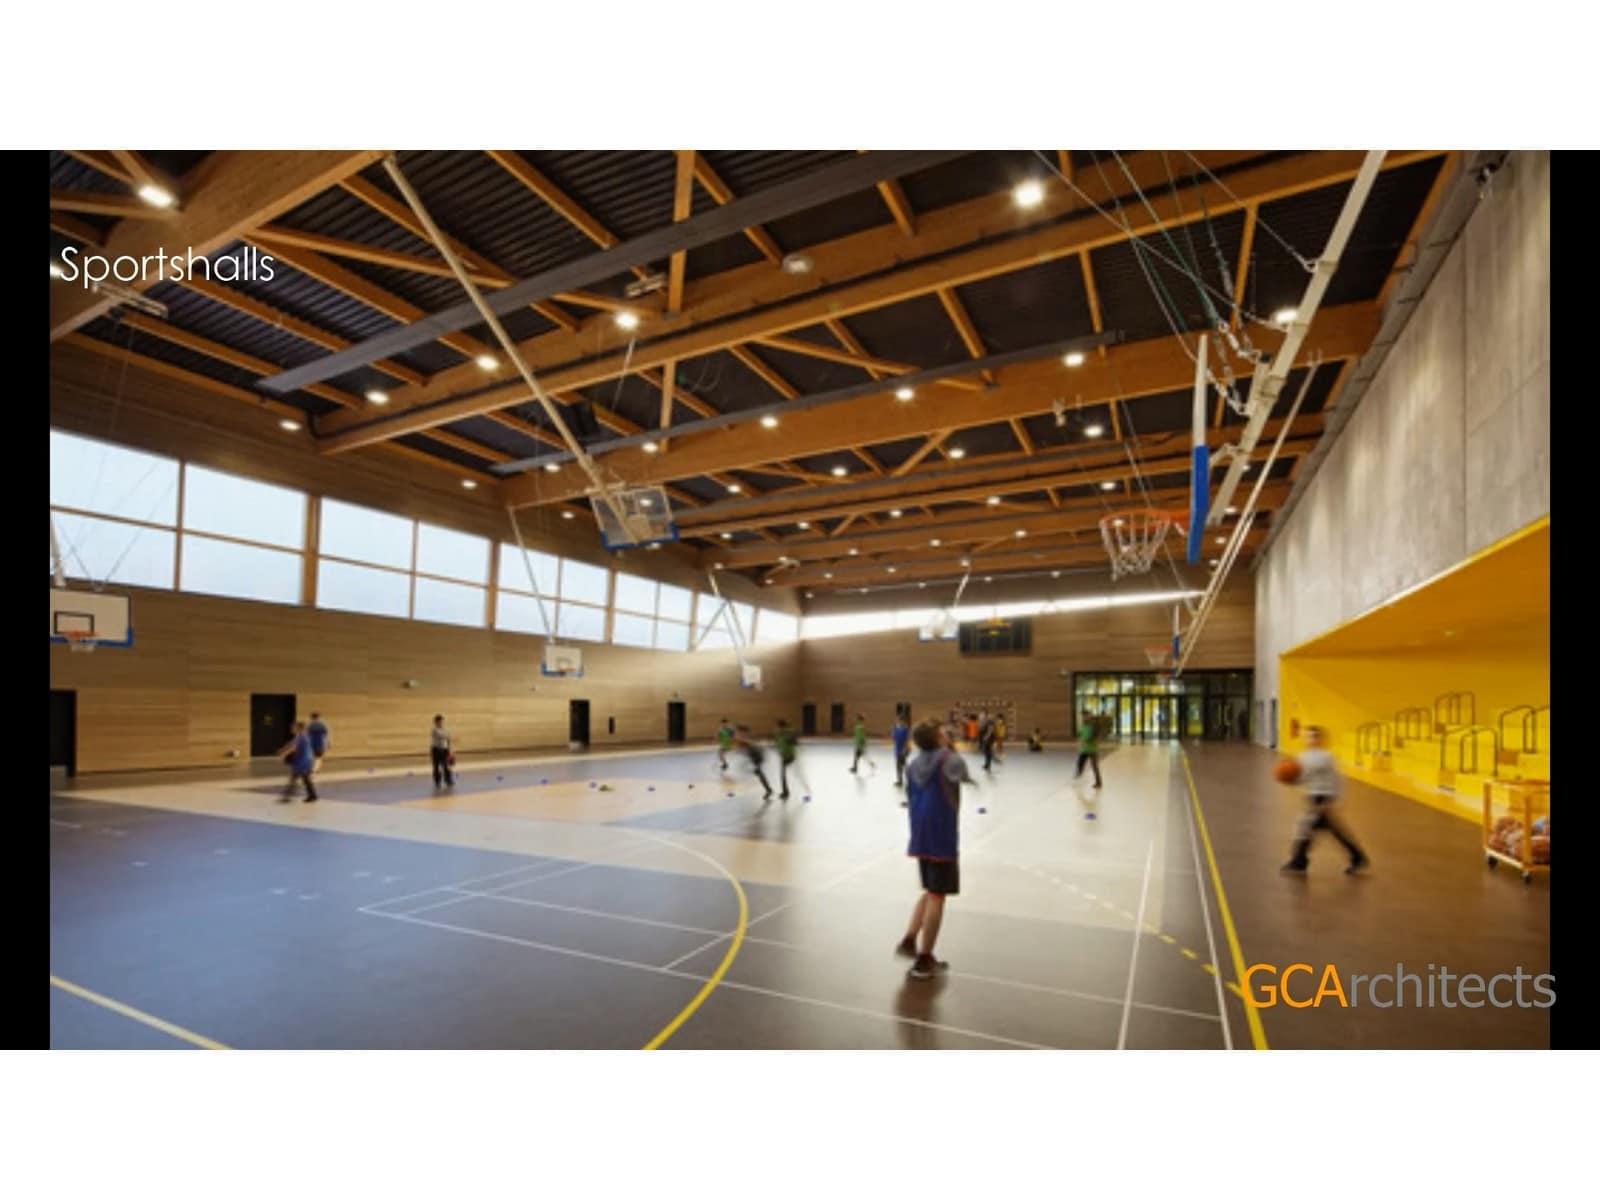 proyecto-de-construccin-de-las-dos-nuevas-escuelas-de-bayside-y-westside-en-waterport-gibraltar_41541645572_o